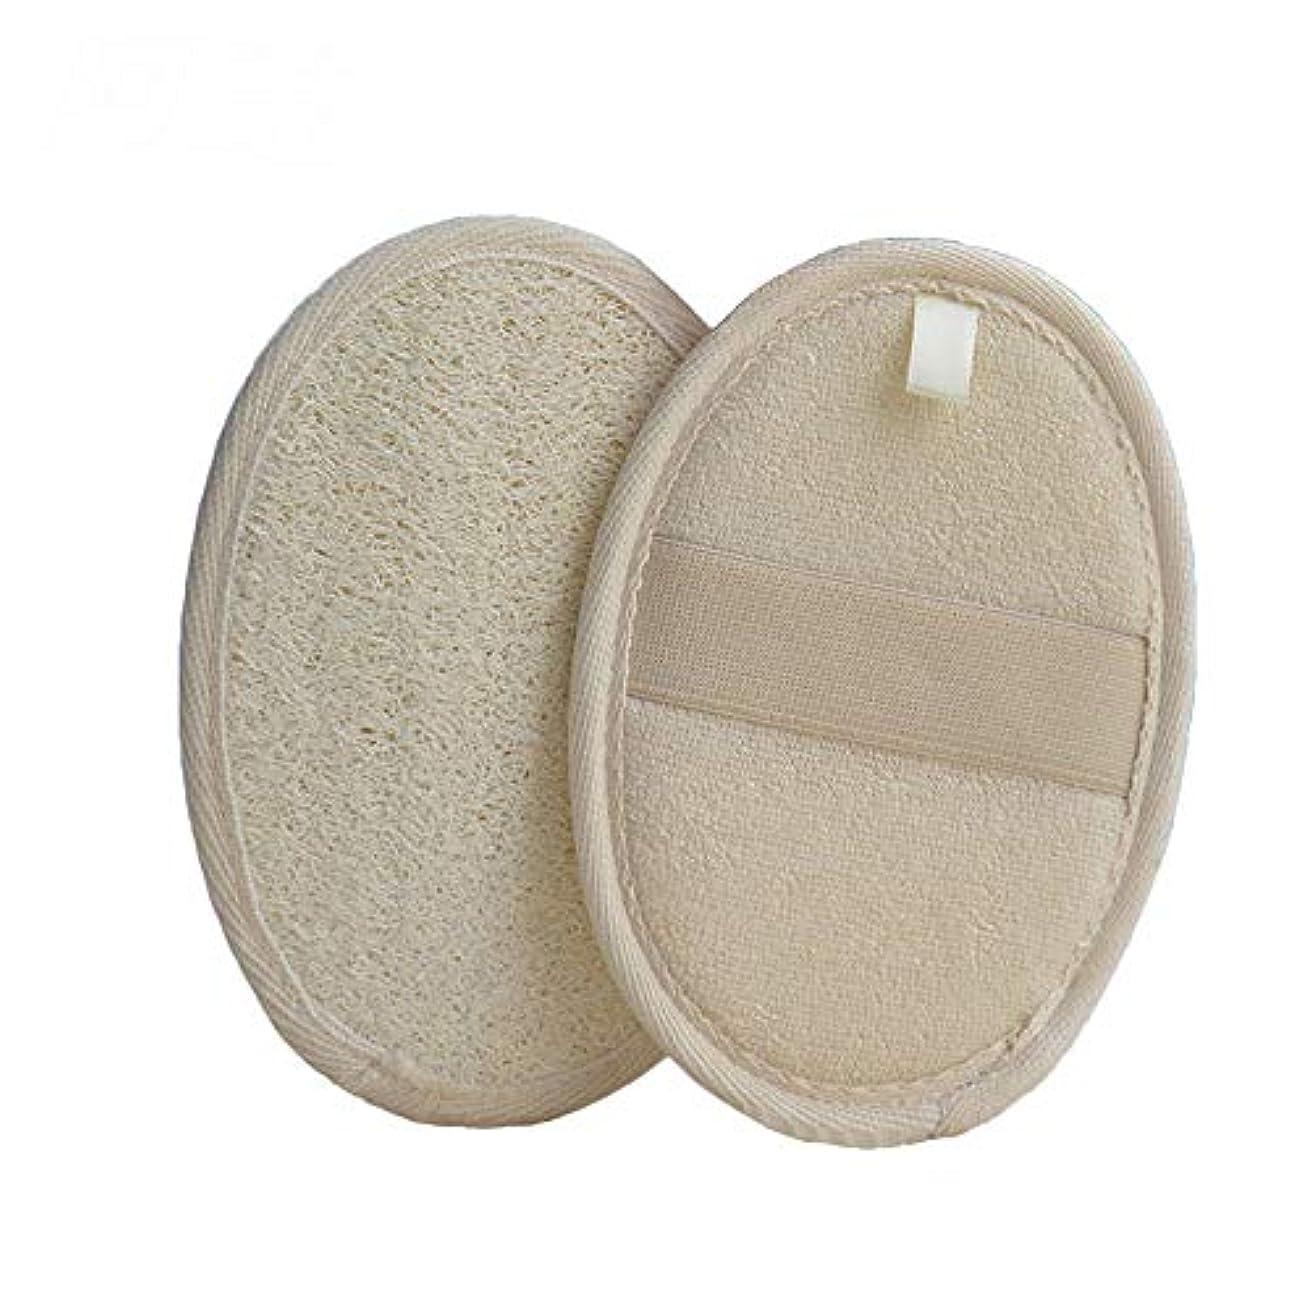 アノイ位置する最小化するButokal 背中洗い あかすり 垢すりタオル2本/セット ボディタオル ボディケア 風呂 血行促進 お風呂グッズマッサージブラシ 角質除去 男女兼用